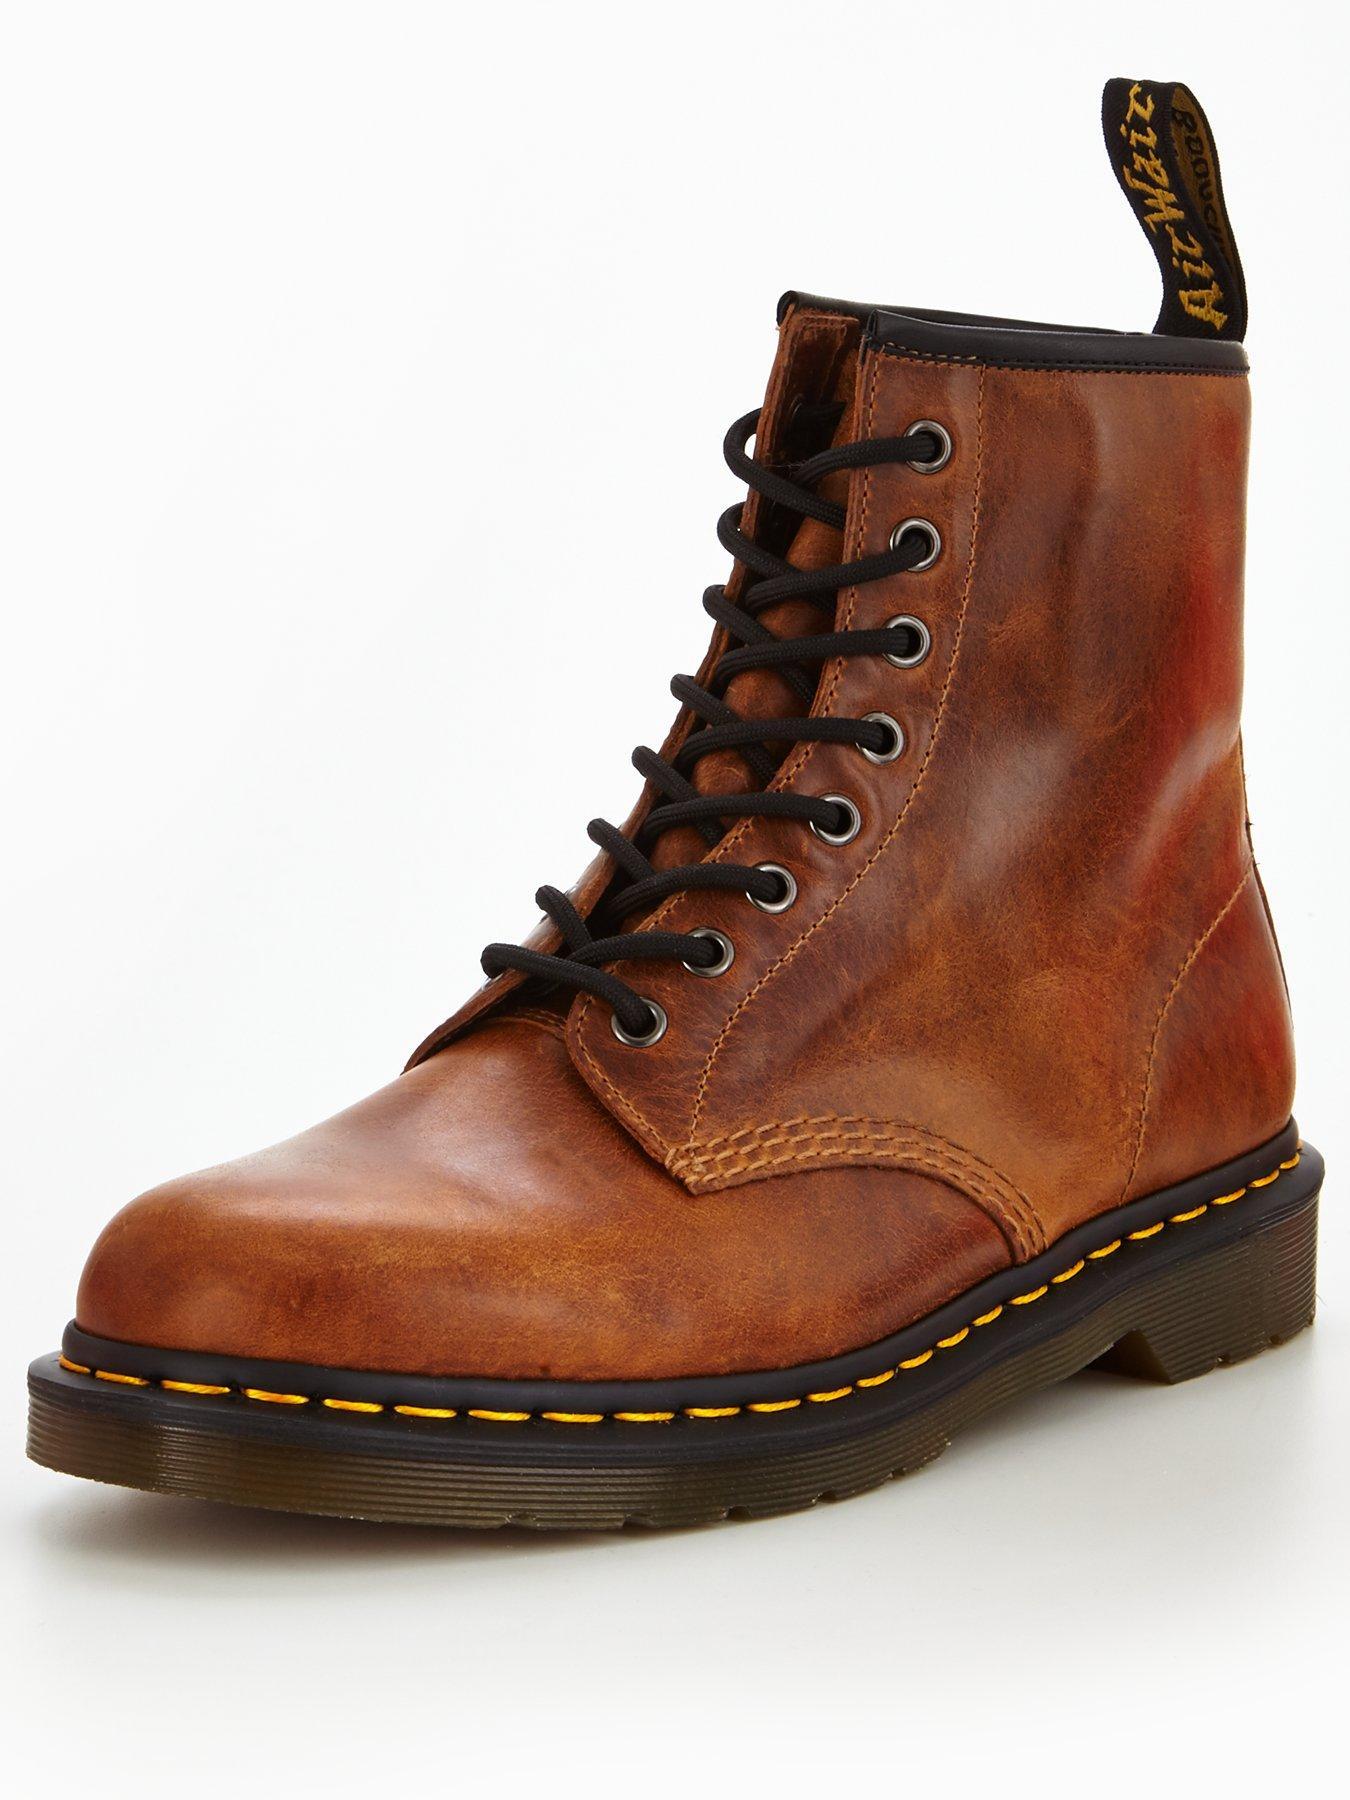 Dr Martens 1460 8 Eyelet Boot 1600153185 Men's Shoes Dr Martens Boots